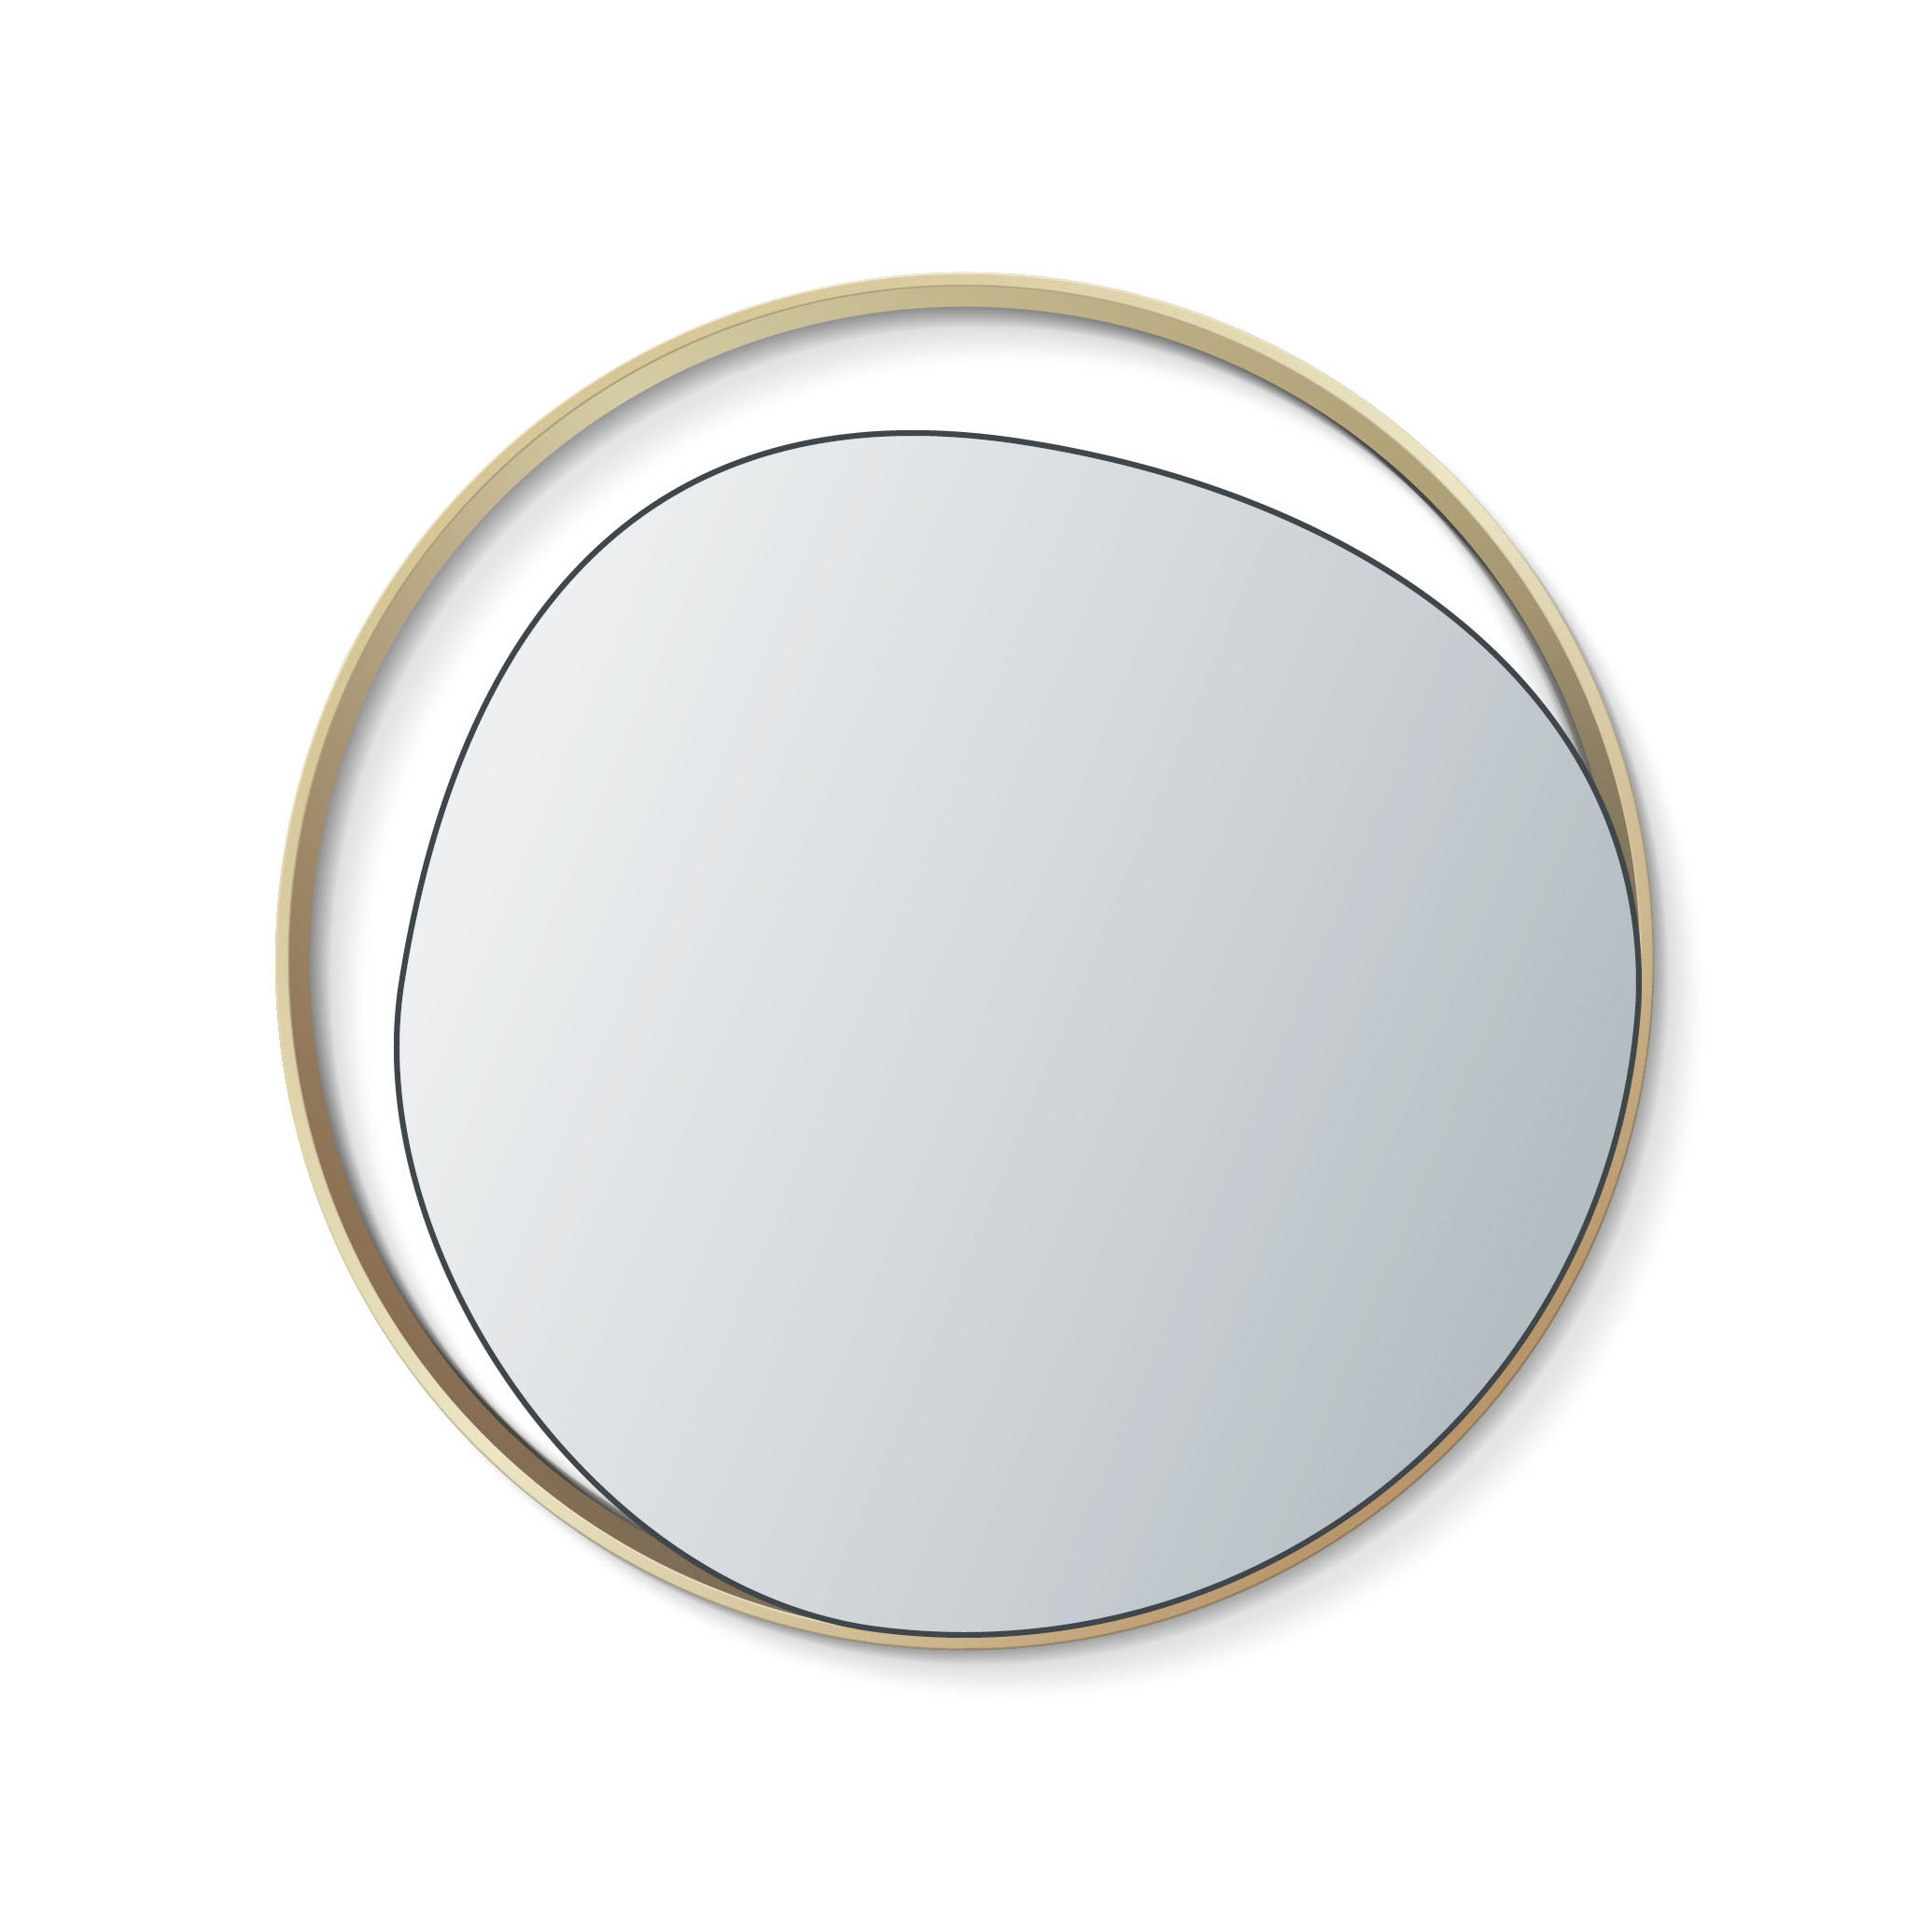 Interni - Specchi - Specchio murale Ellipse - / Ø 50 cm di RED Edition - Specchio argento / ottone - Legno, Ottone, Vetro